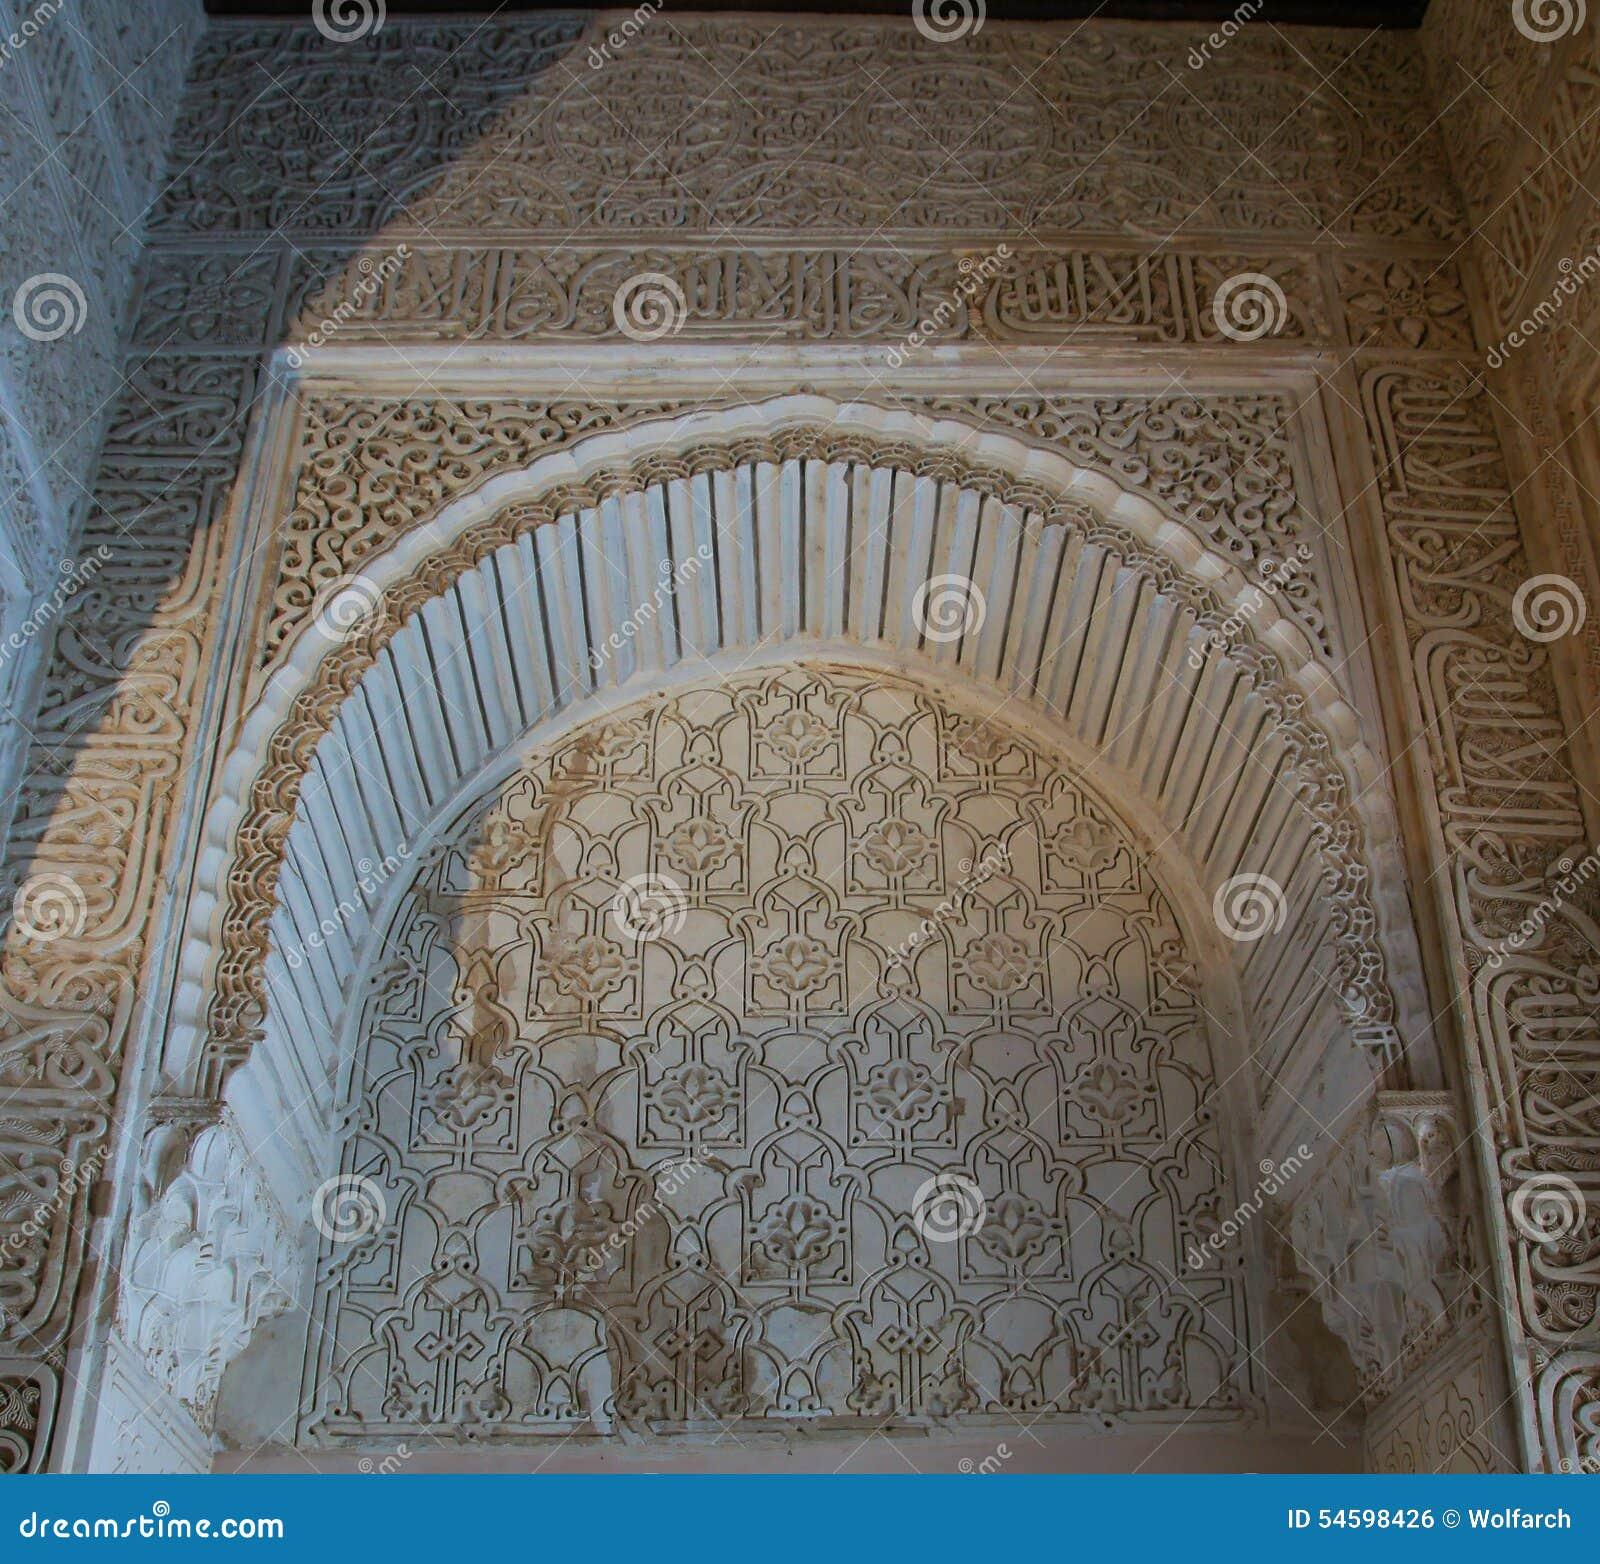 Mittelalterliche arabische kunst stockfoto bild von for Arabische dekoration